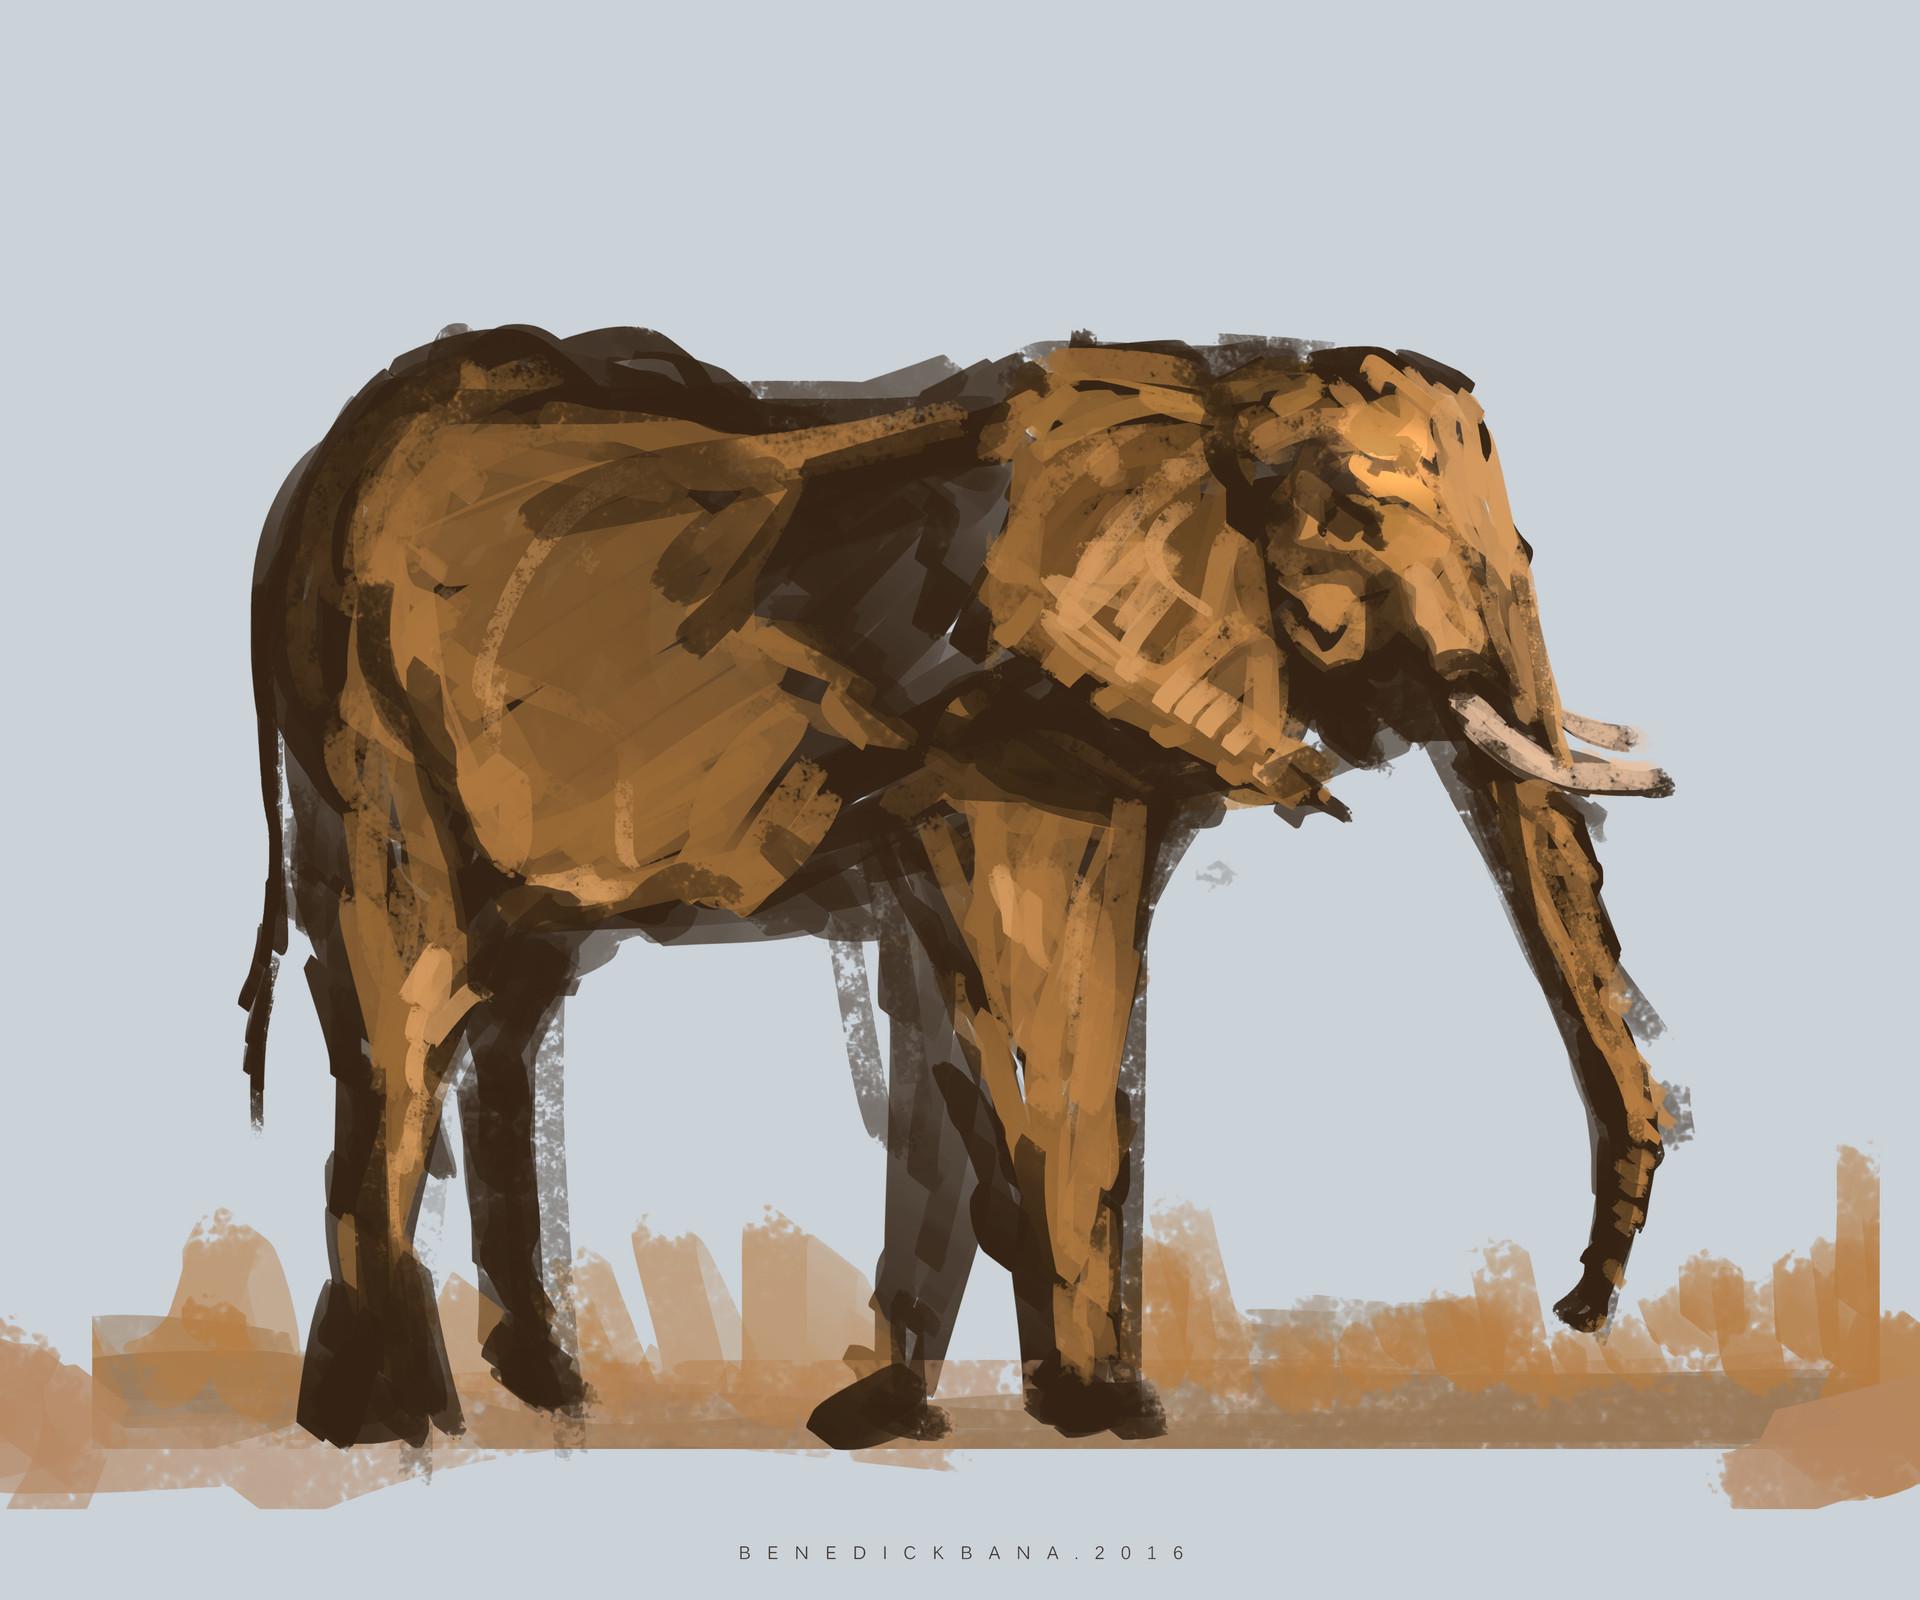 Benedick bana elephant study 002